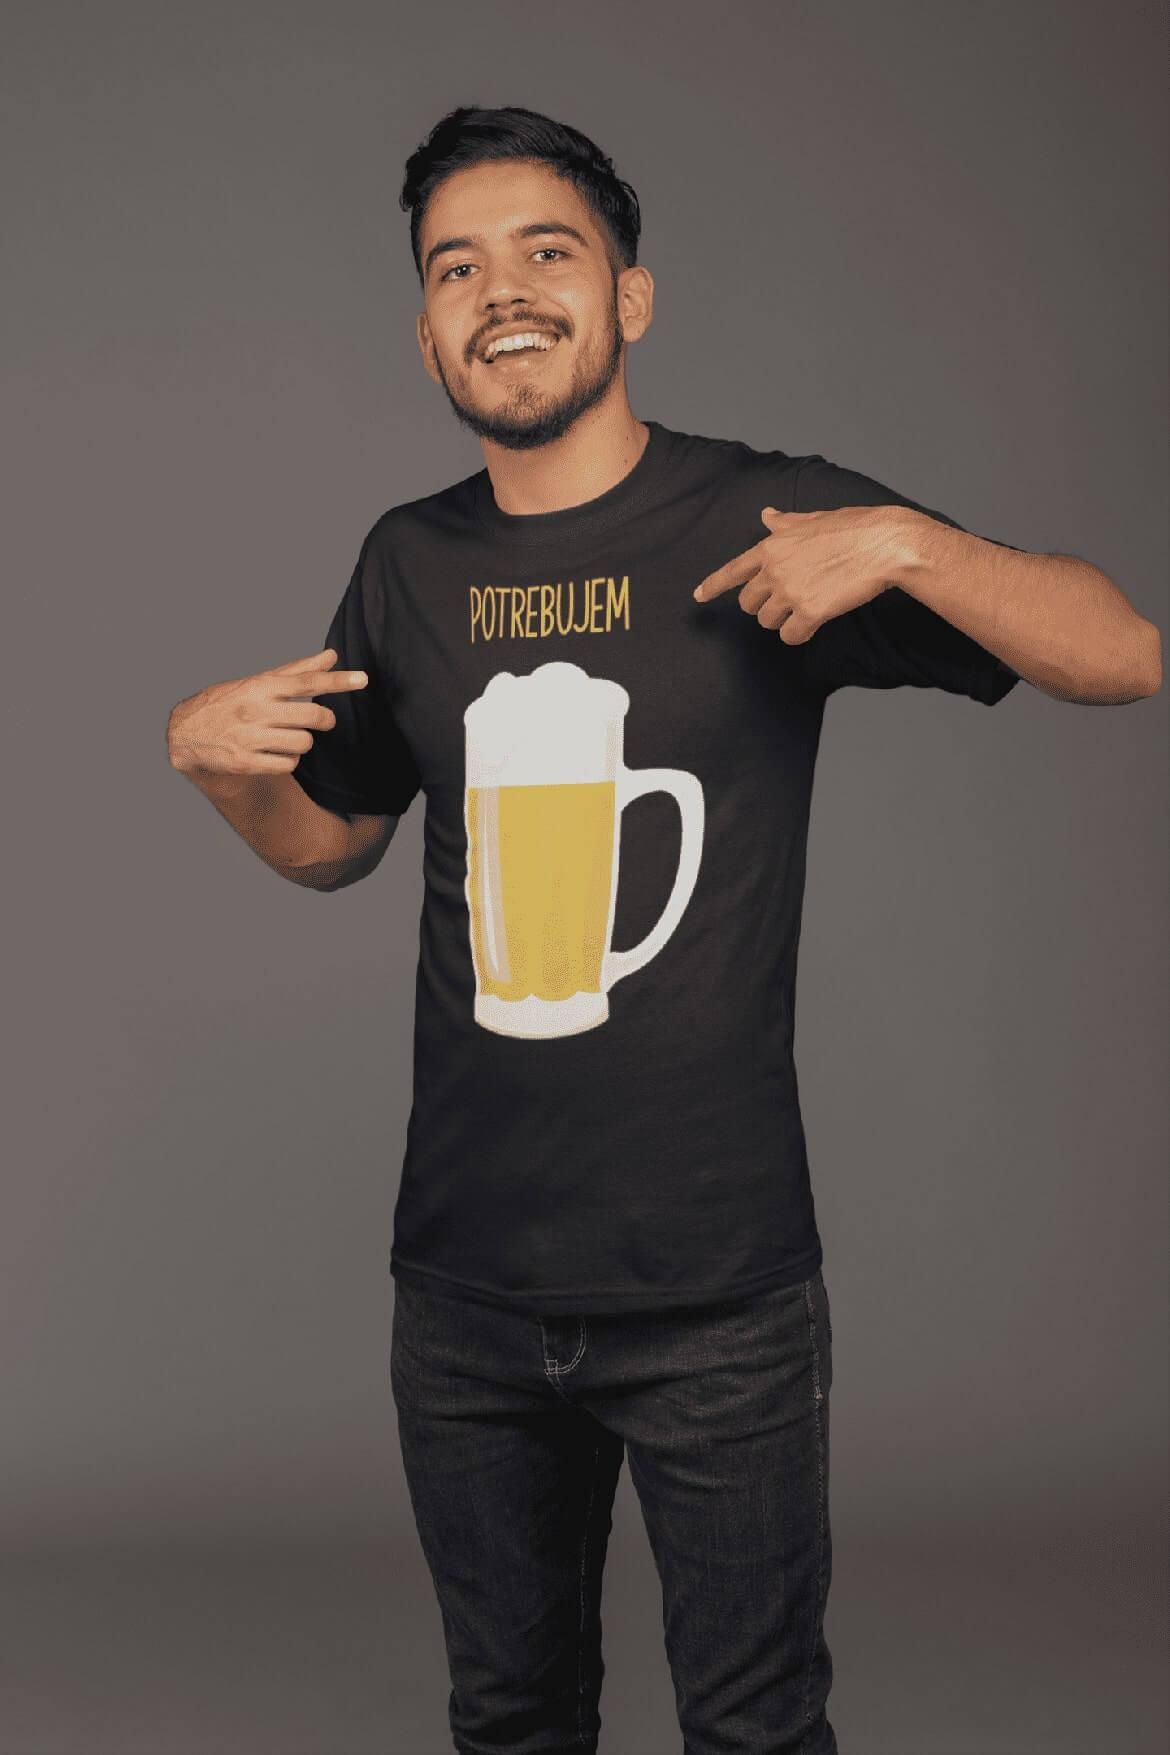 MMO Pánske tričko pre otca Potrebujem Vyberte farbu: Čierna, Vyberte veľkosť: S